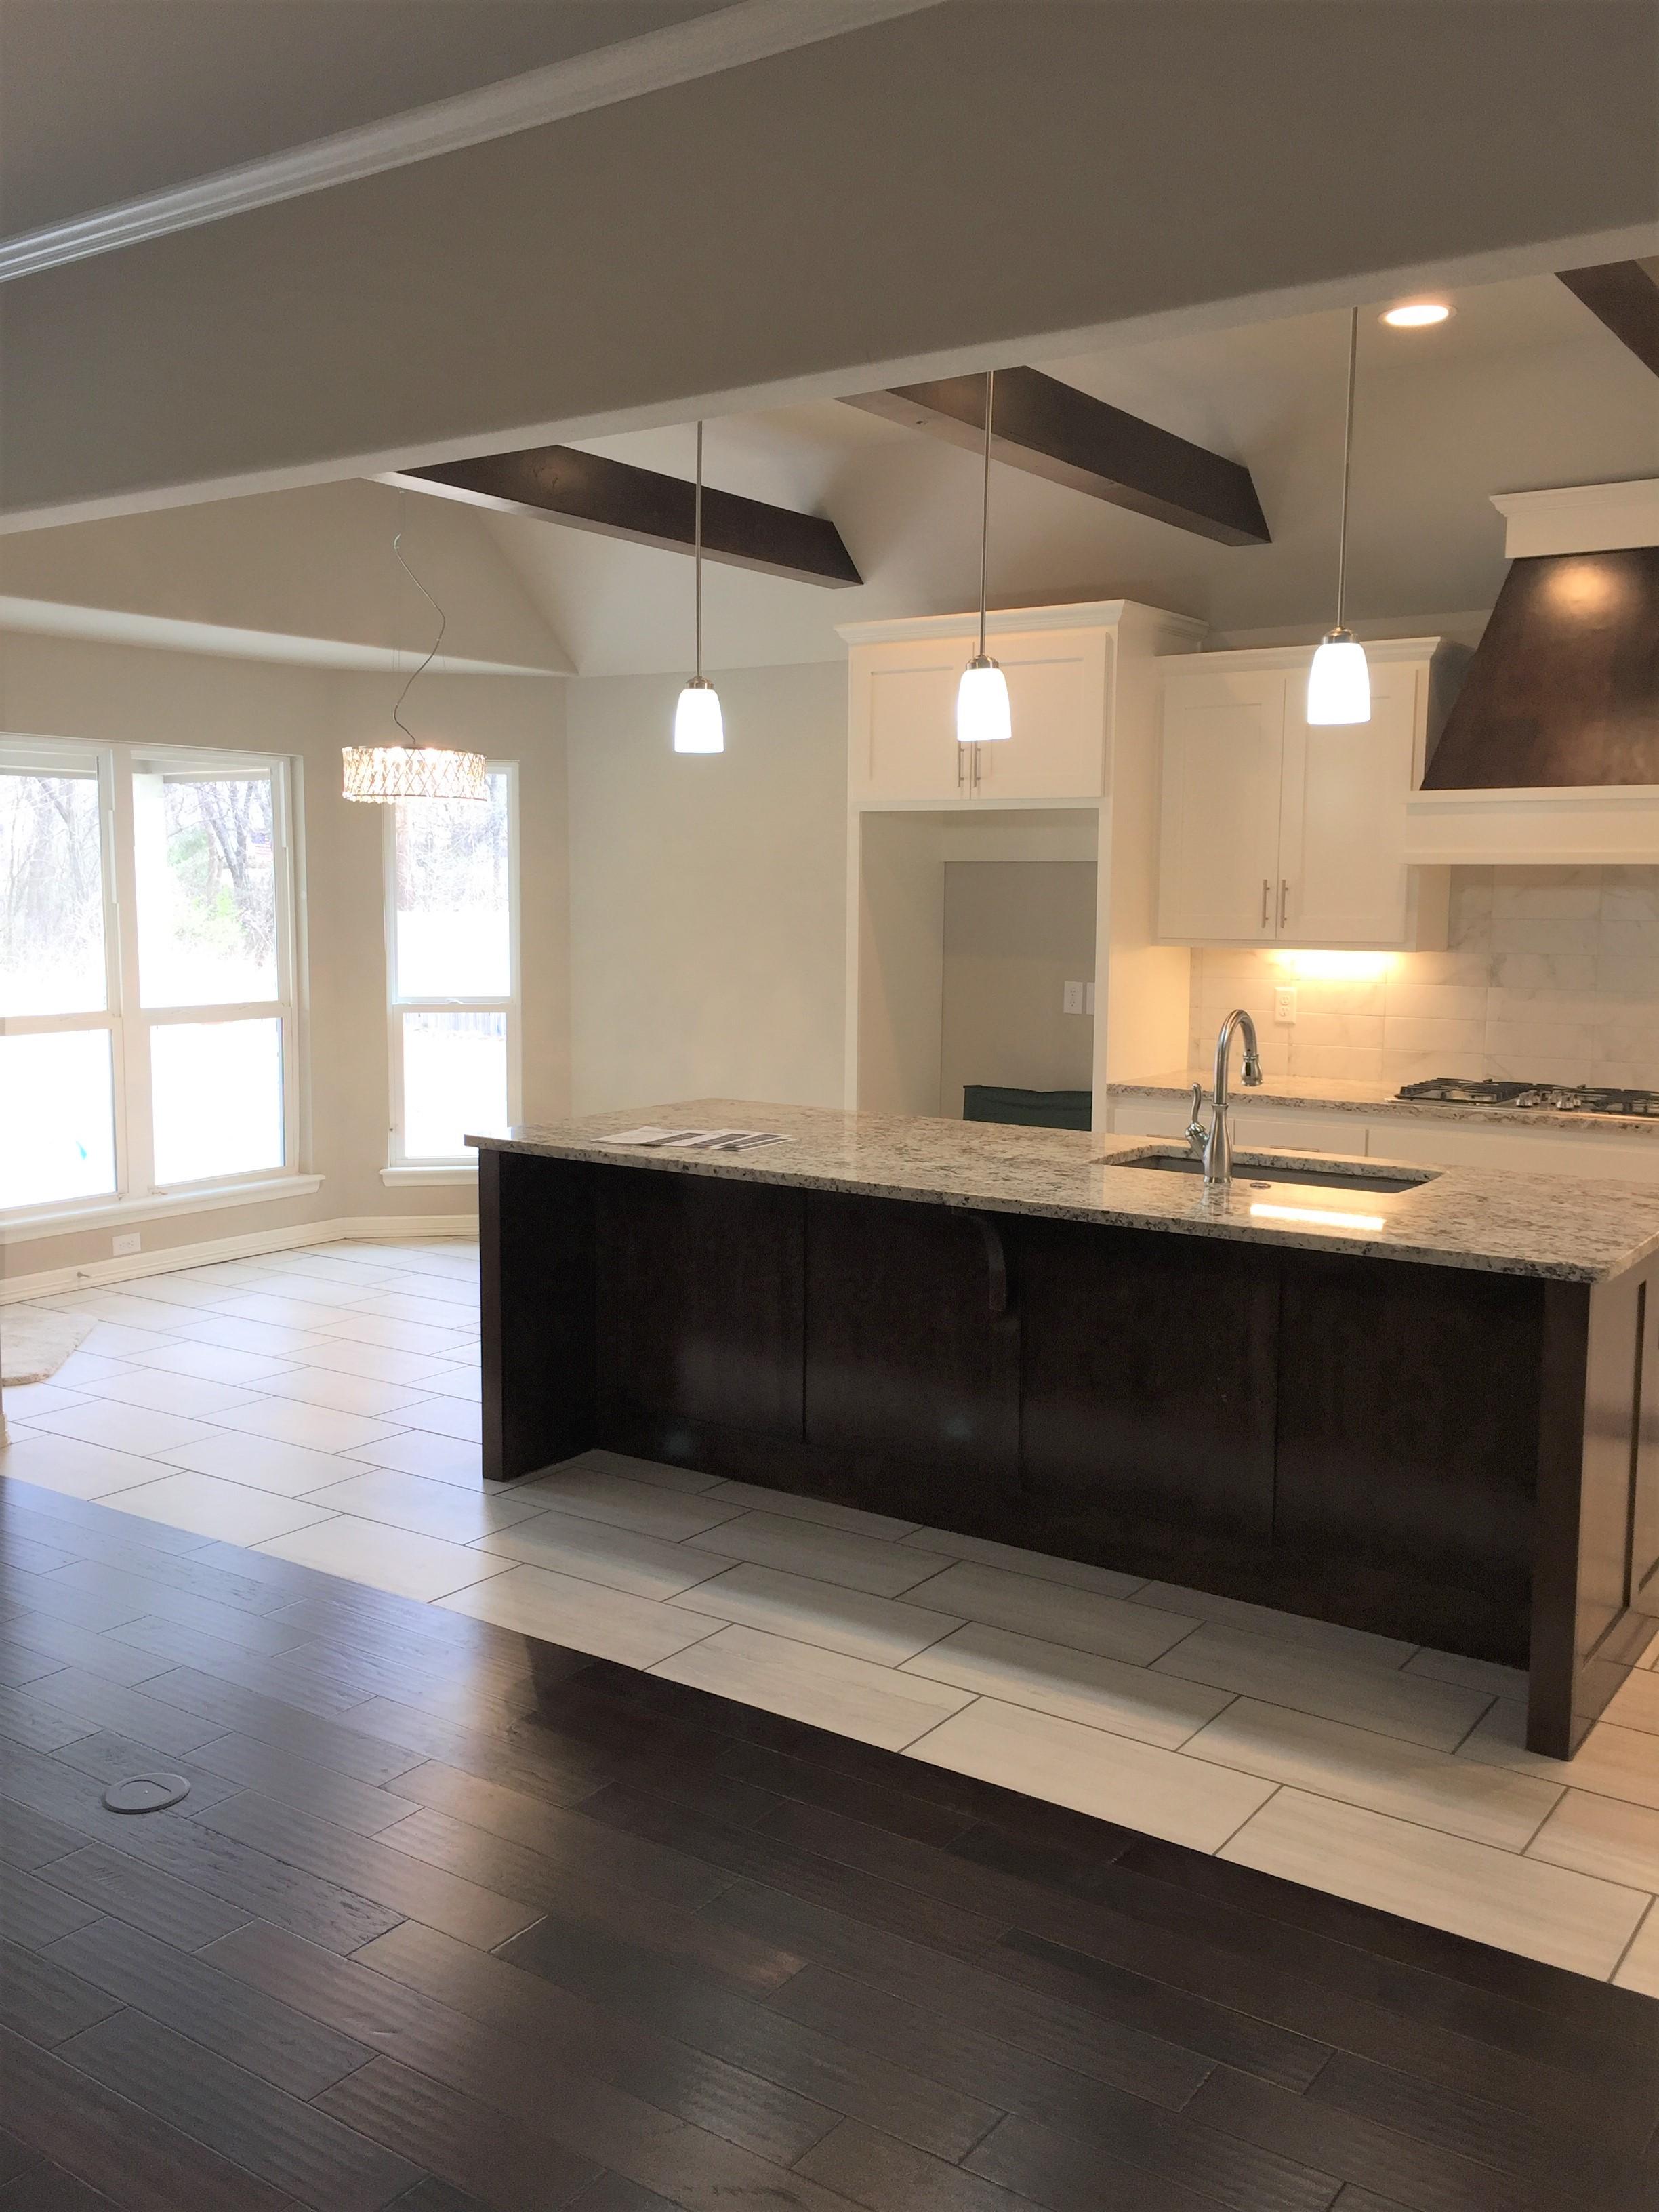 2917 kitchen 3.jpg